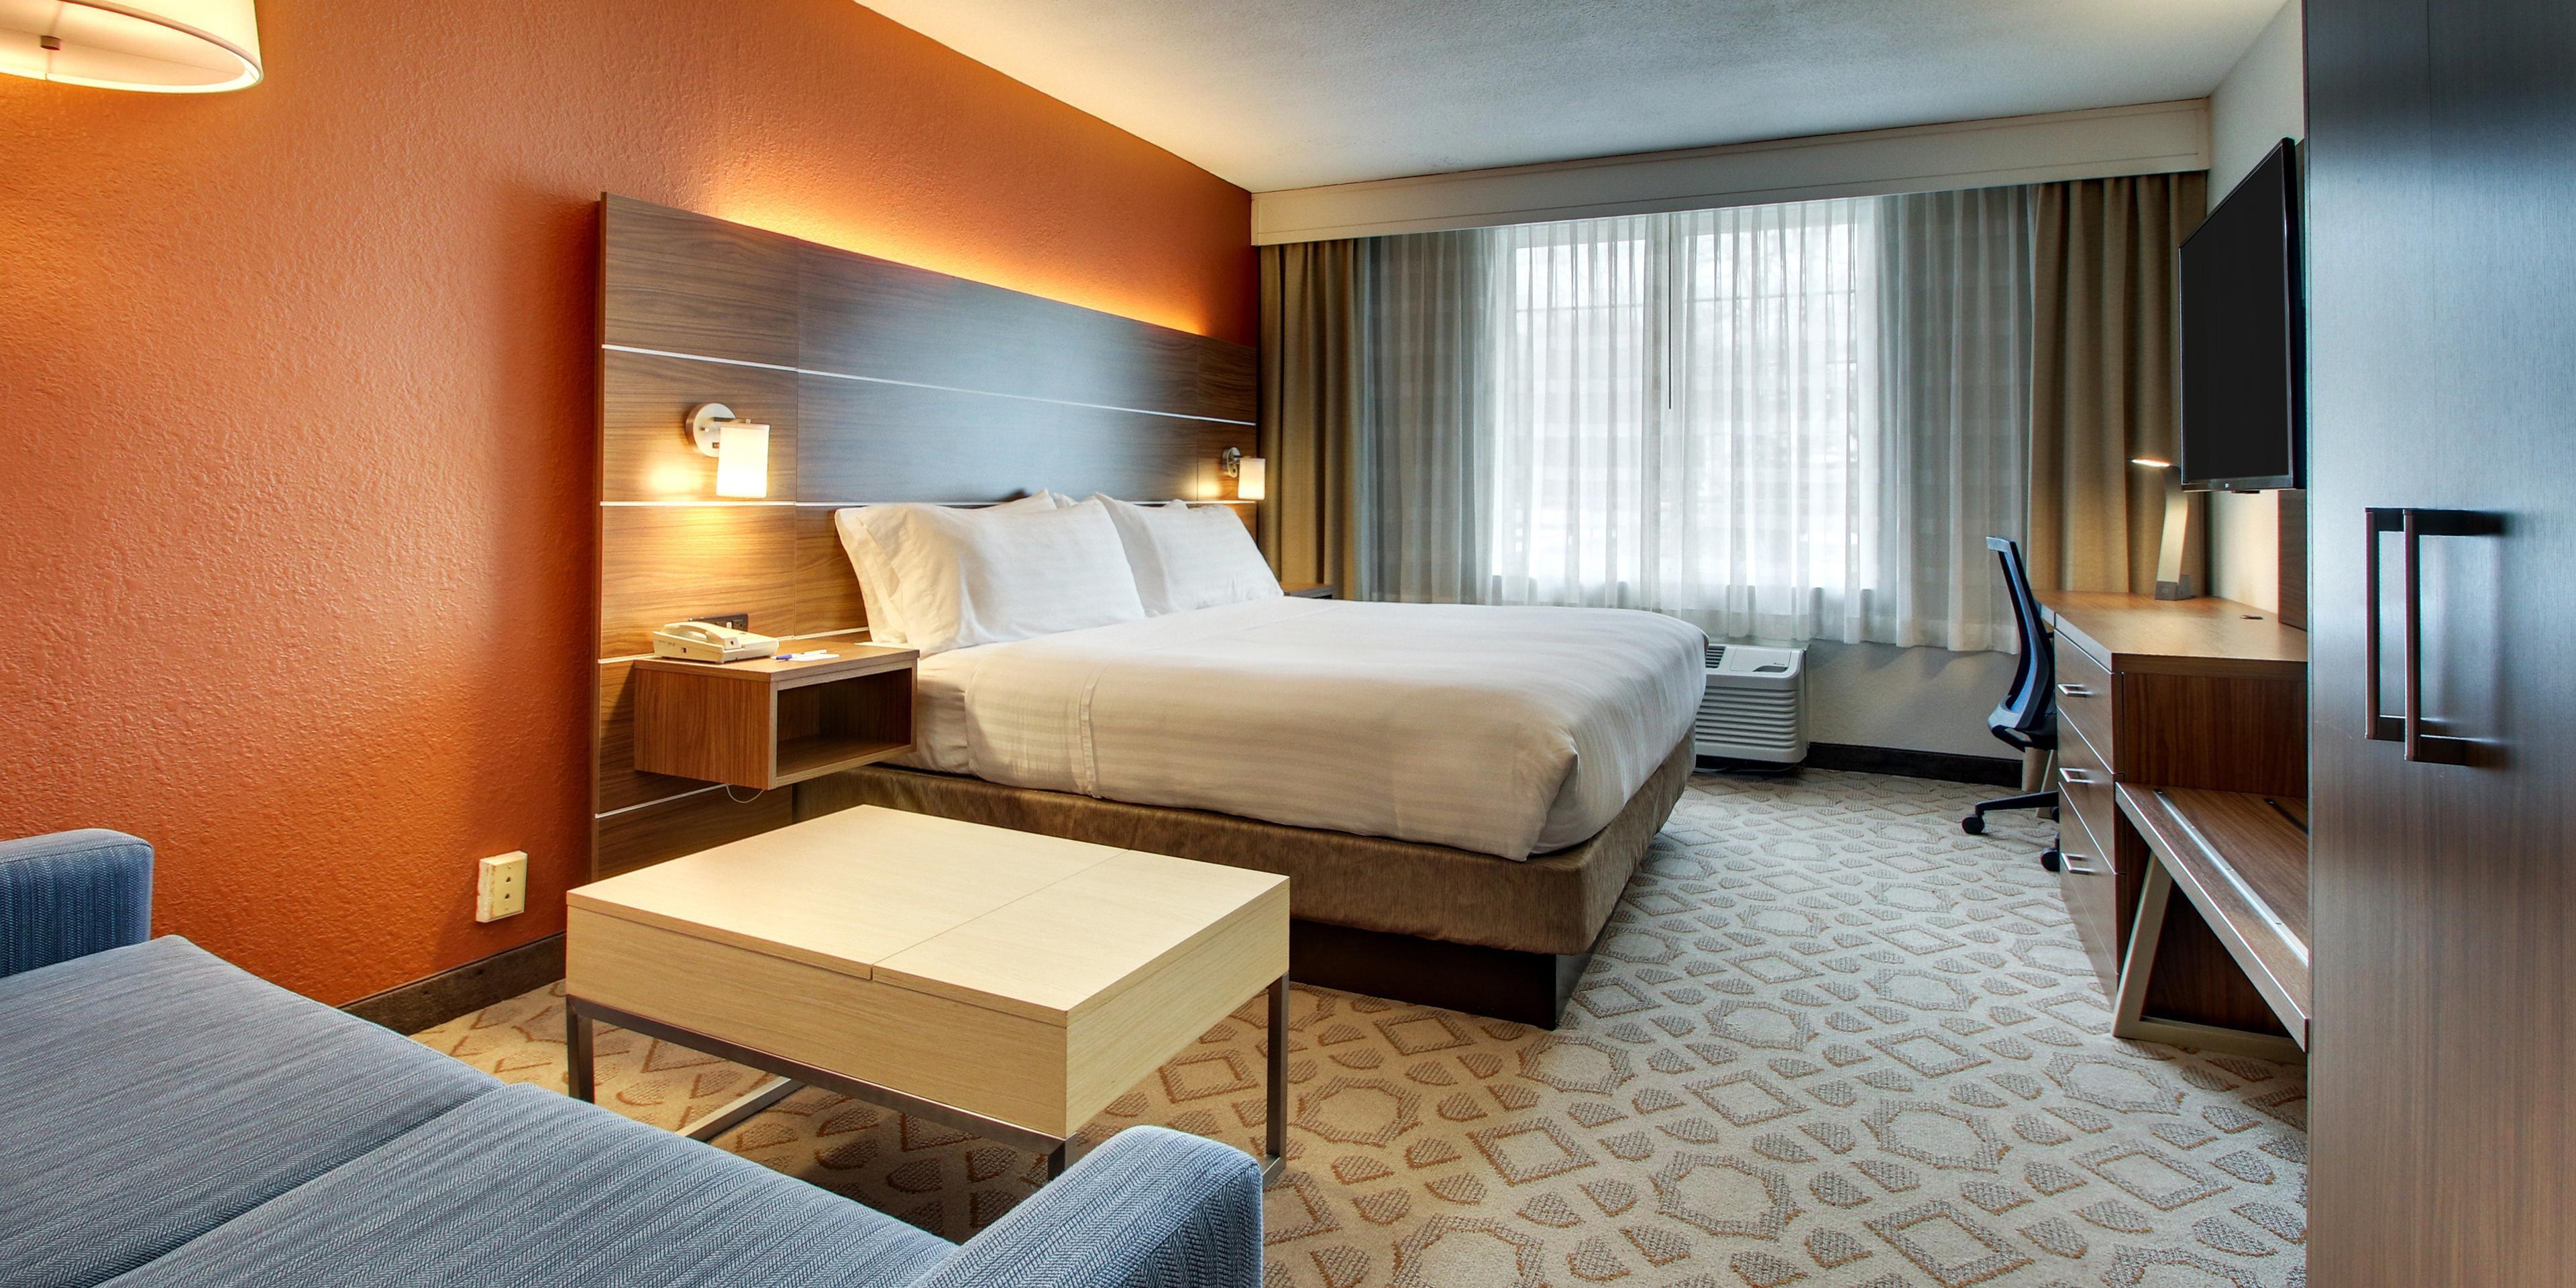 Holiday Inn Express Poughkeepsie 4880738938 2x1